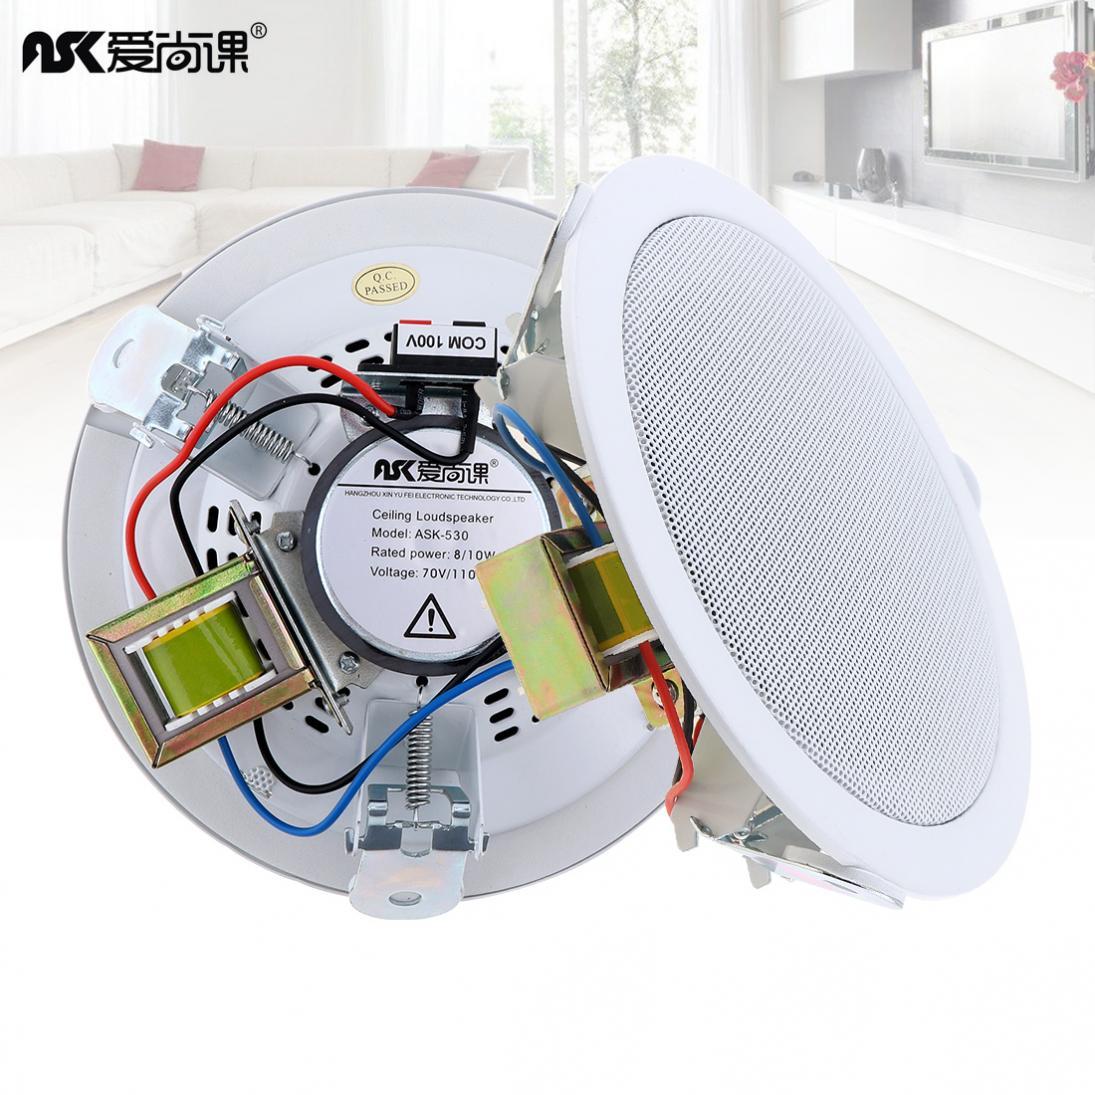 Alto-falante de Música de Fundo de Transmissão Pública para Casa Polegada Entrada Usb Mp3 Player Teto – Supermercado Ask-530 5 10 w